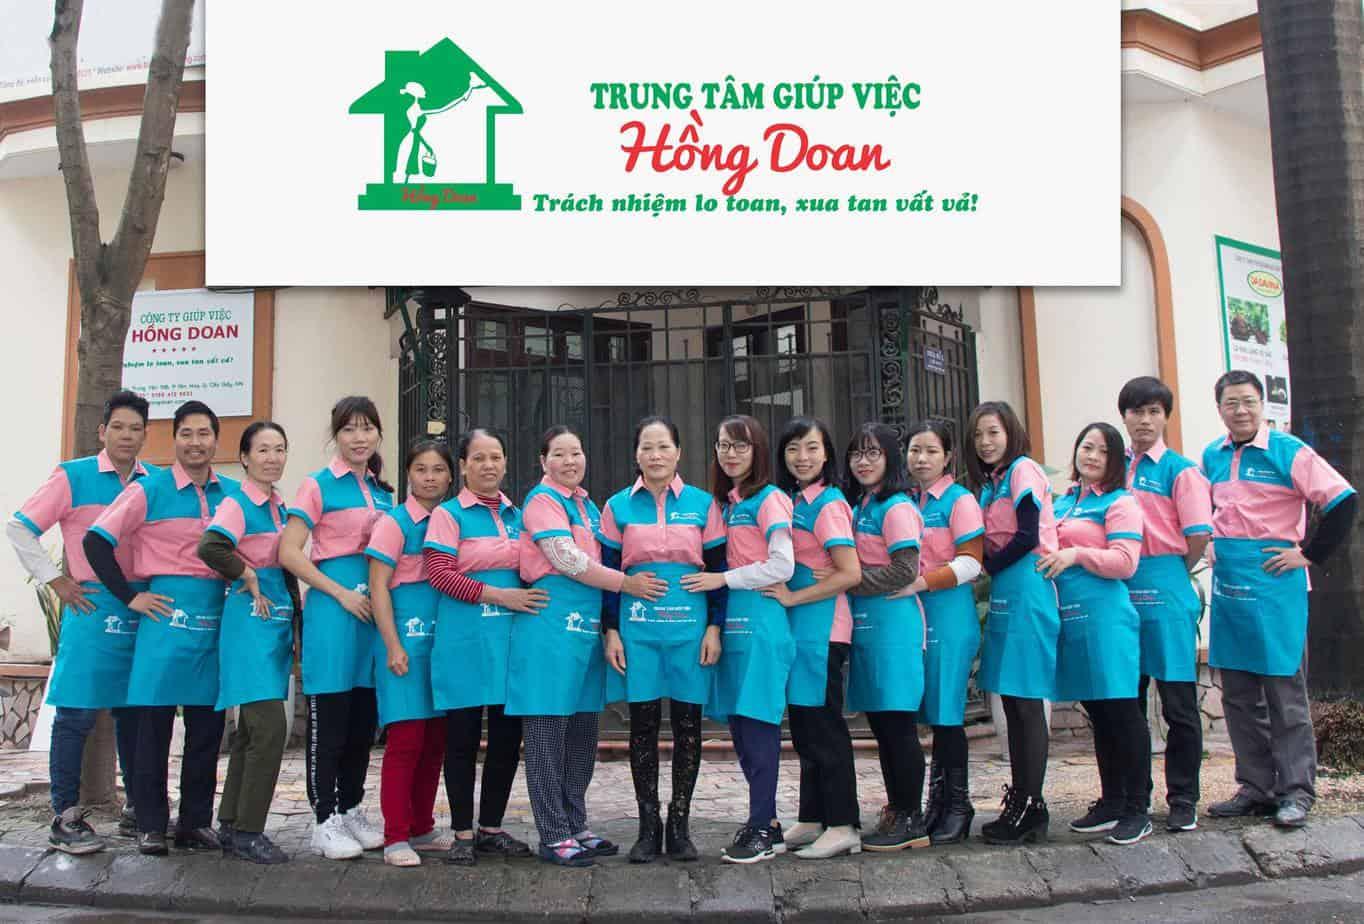 Top 10 Trung Tâm Giúp Việc Nhà Uy Tín Tại Hà Nội - trung tâm giúp việc nhà uy tín tại hà nội - Giúp Việc 88 | Giúp Việc An Tâm | Giúp Việc Home Care 33